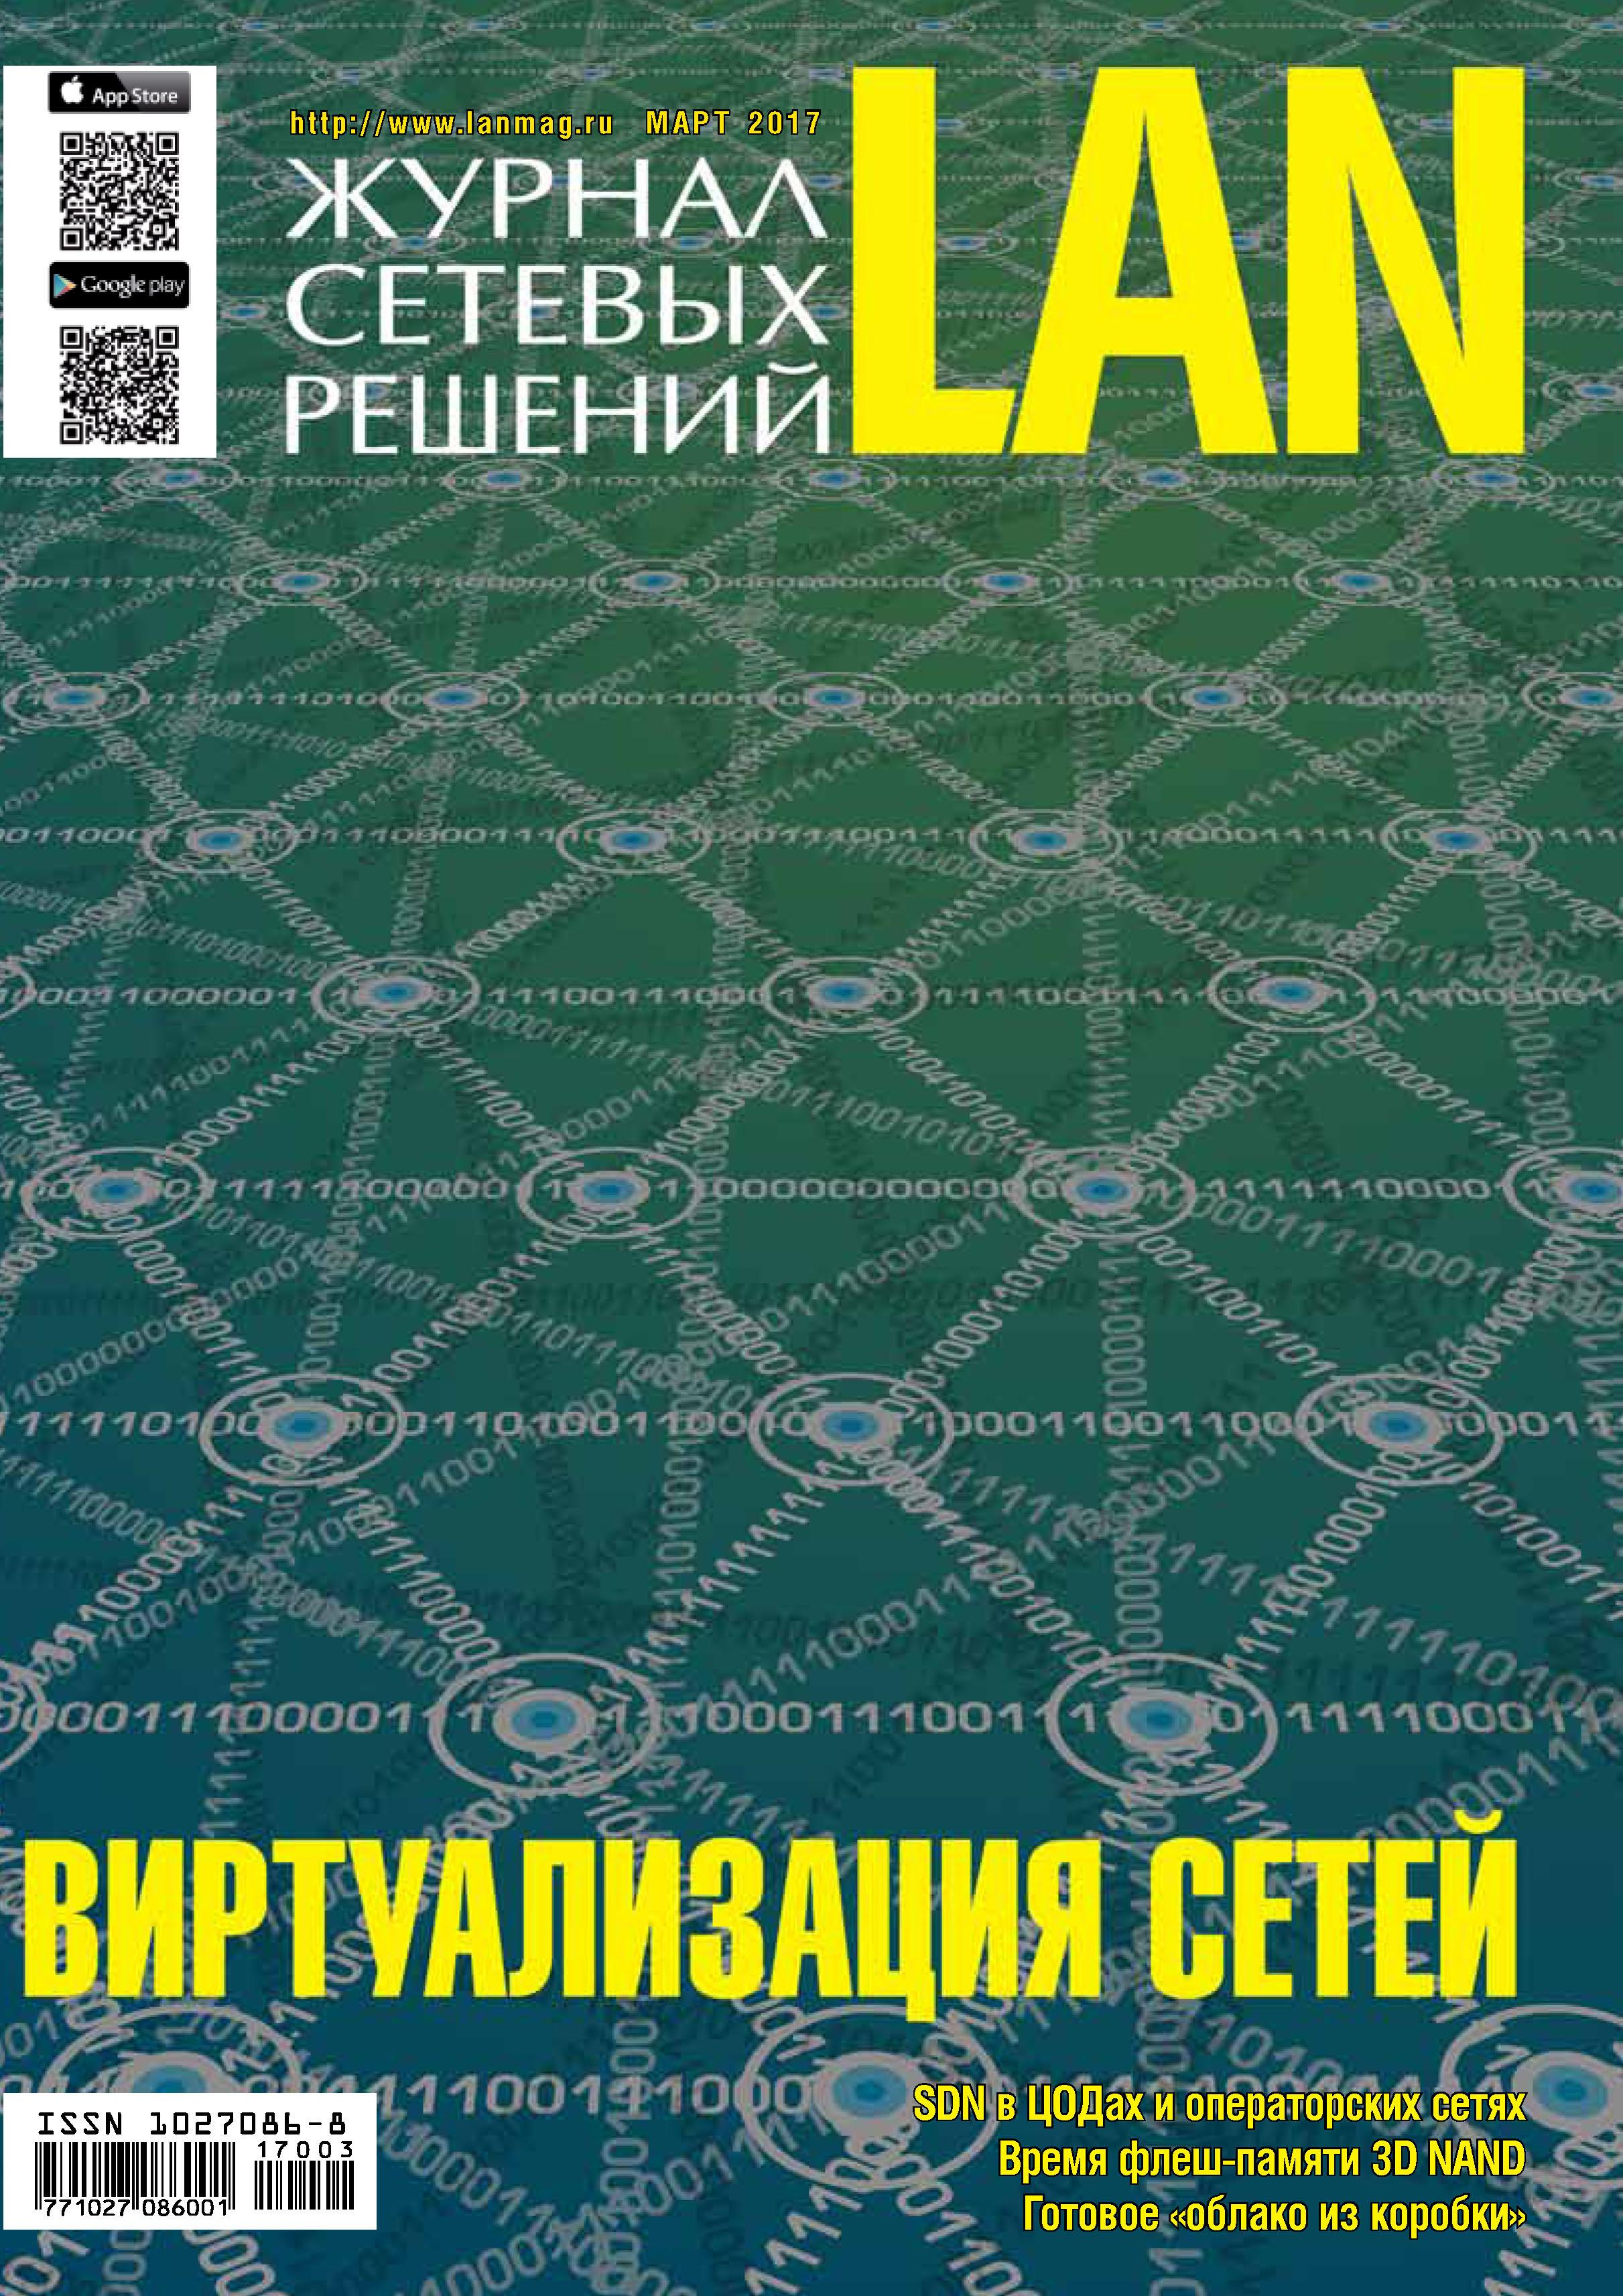 Открытые системы Журнал сетевых решений / LAN №03/2017 цены онлайн